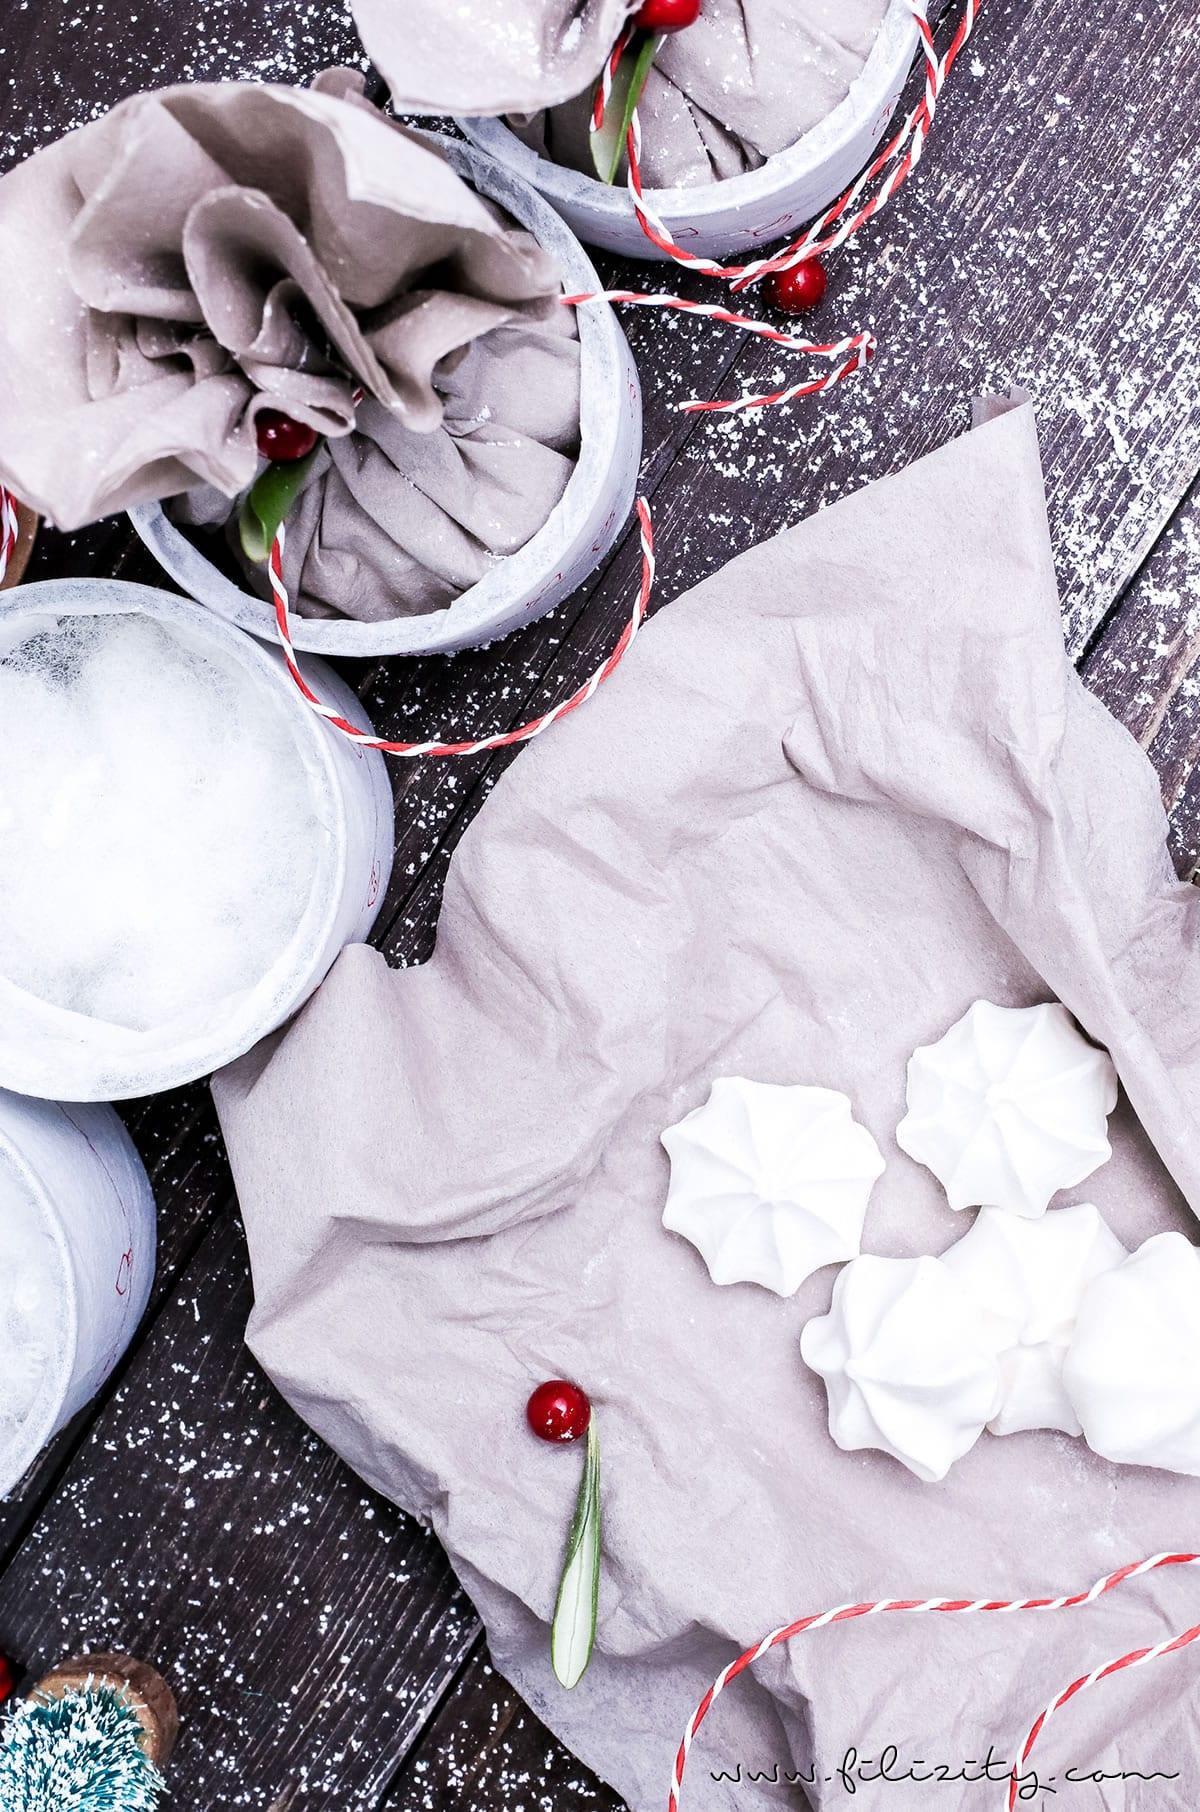 Weihnachts-DIY: Adventskalender basteln aus alten Dosen - Schönes Recycling/Upcycling-Projekt | Filizity.com | DIY-Blog aus dem Rheinland #weihnachten #adventskalender #recycling #upcycling